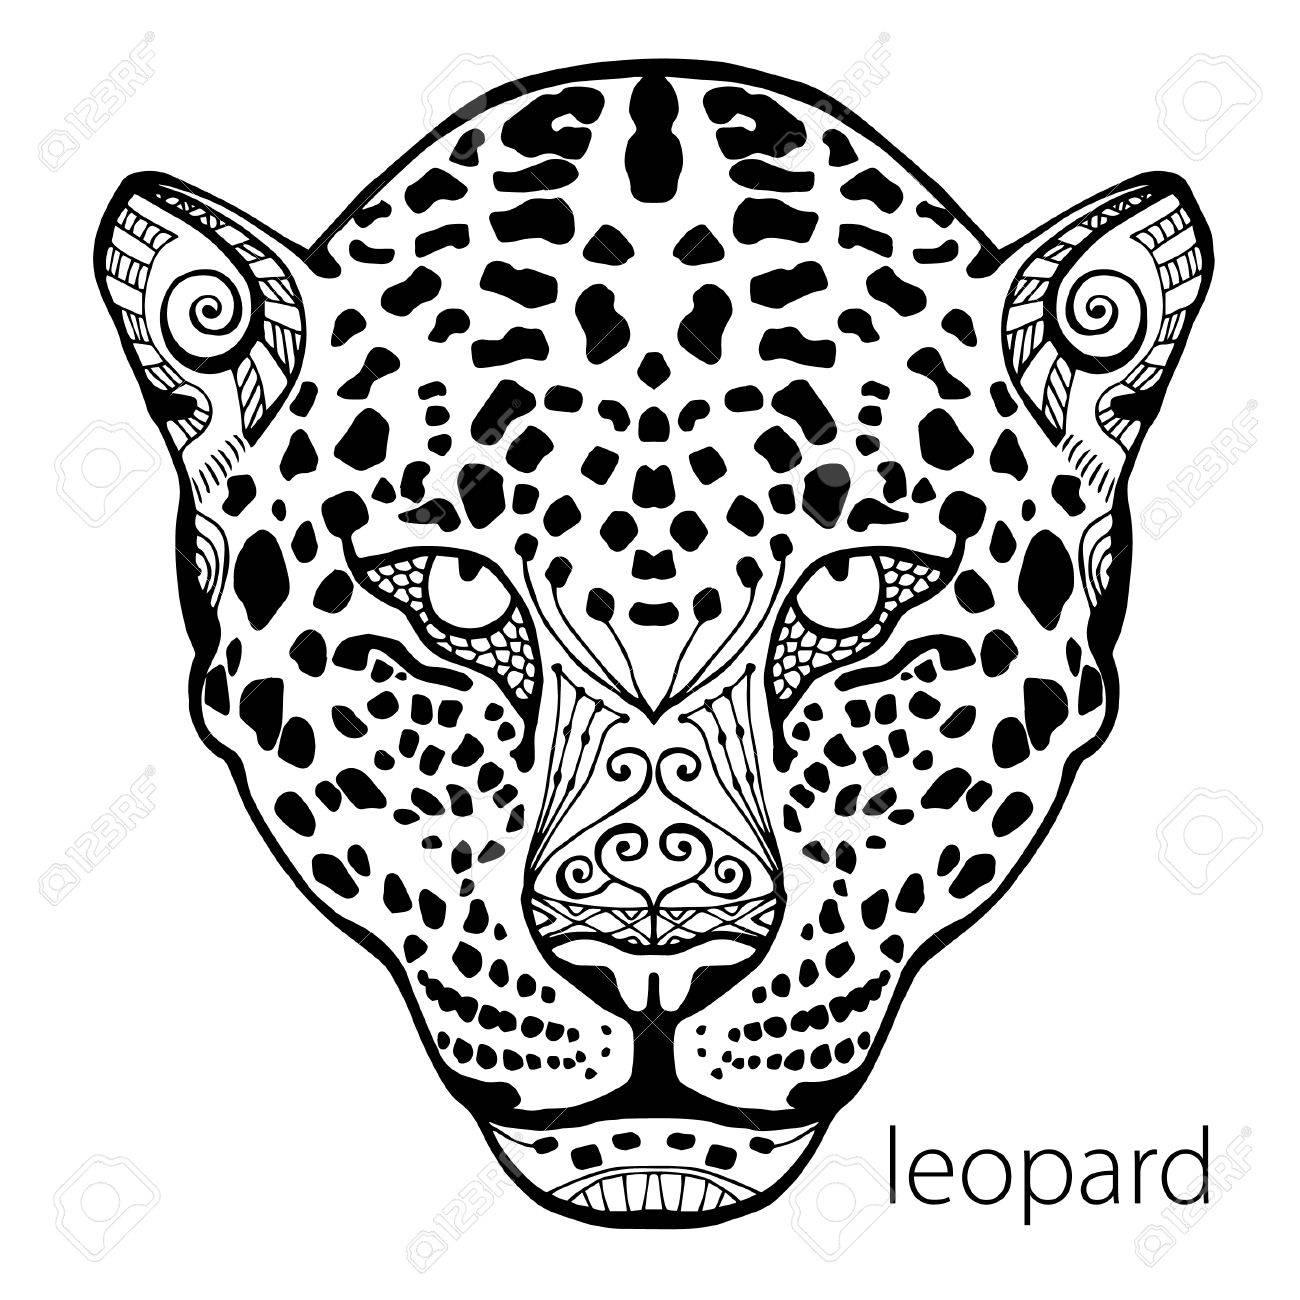 Le Leopard Noir Et Blanc Imprimer Avec Des Motifs Ethniques Coloriage Livre Pour Adultes Antistress Art Therapie Zenart Meditaion L Image Sur Le Tissu Tatouage Vecteur Banque D Images Et Photos Libres De Droits Image